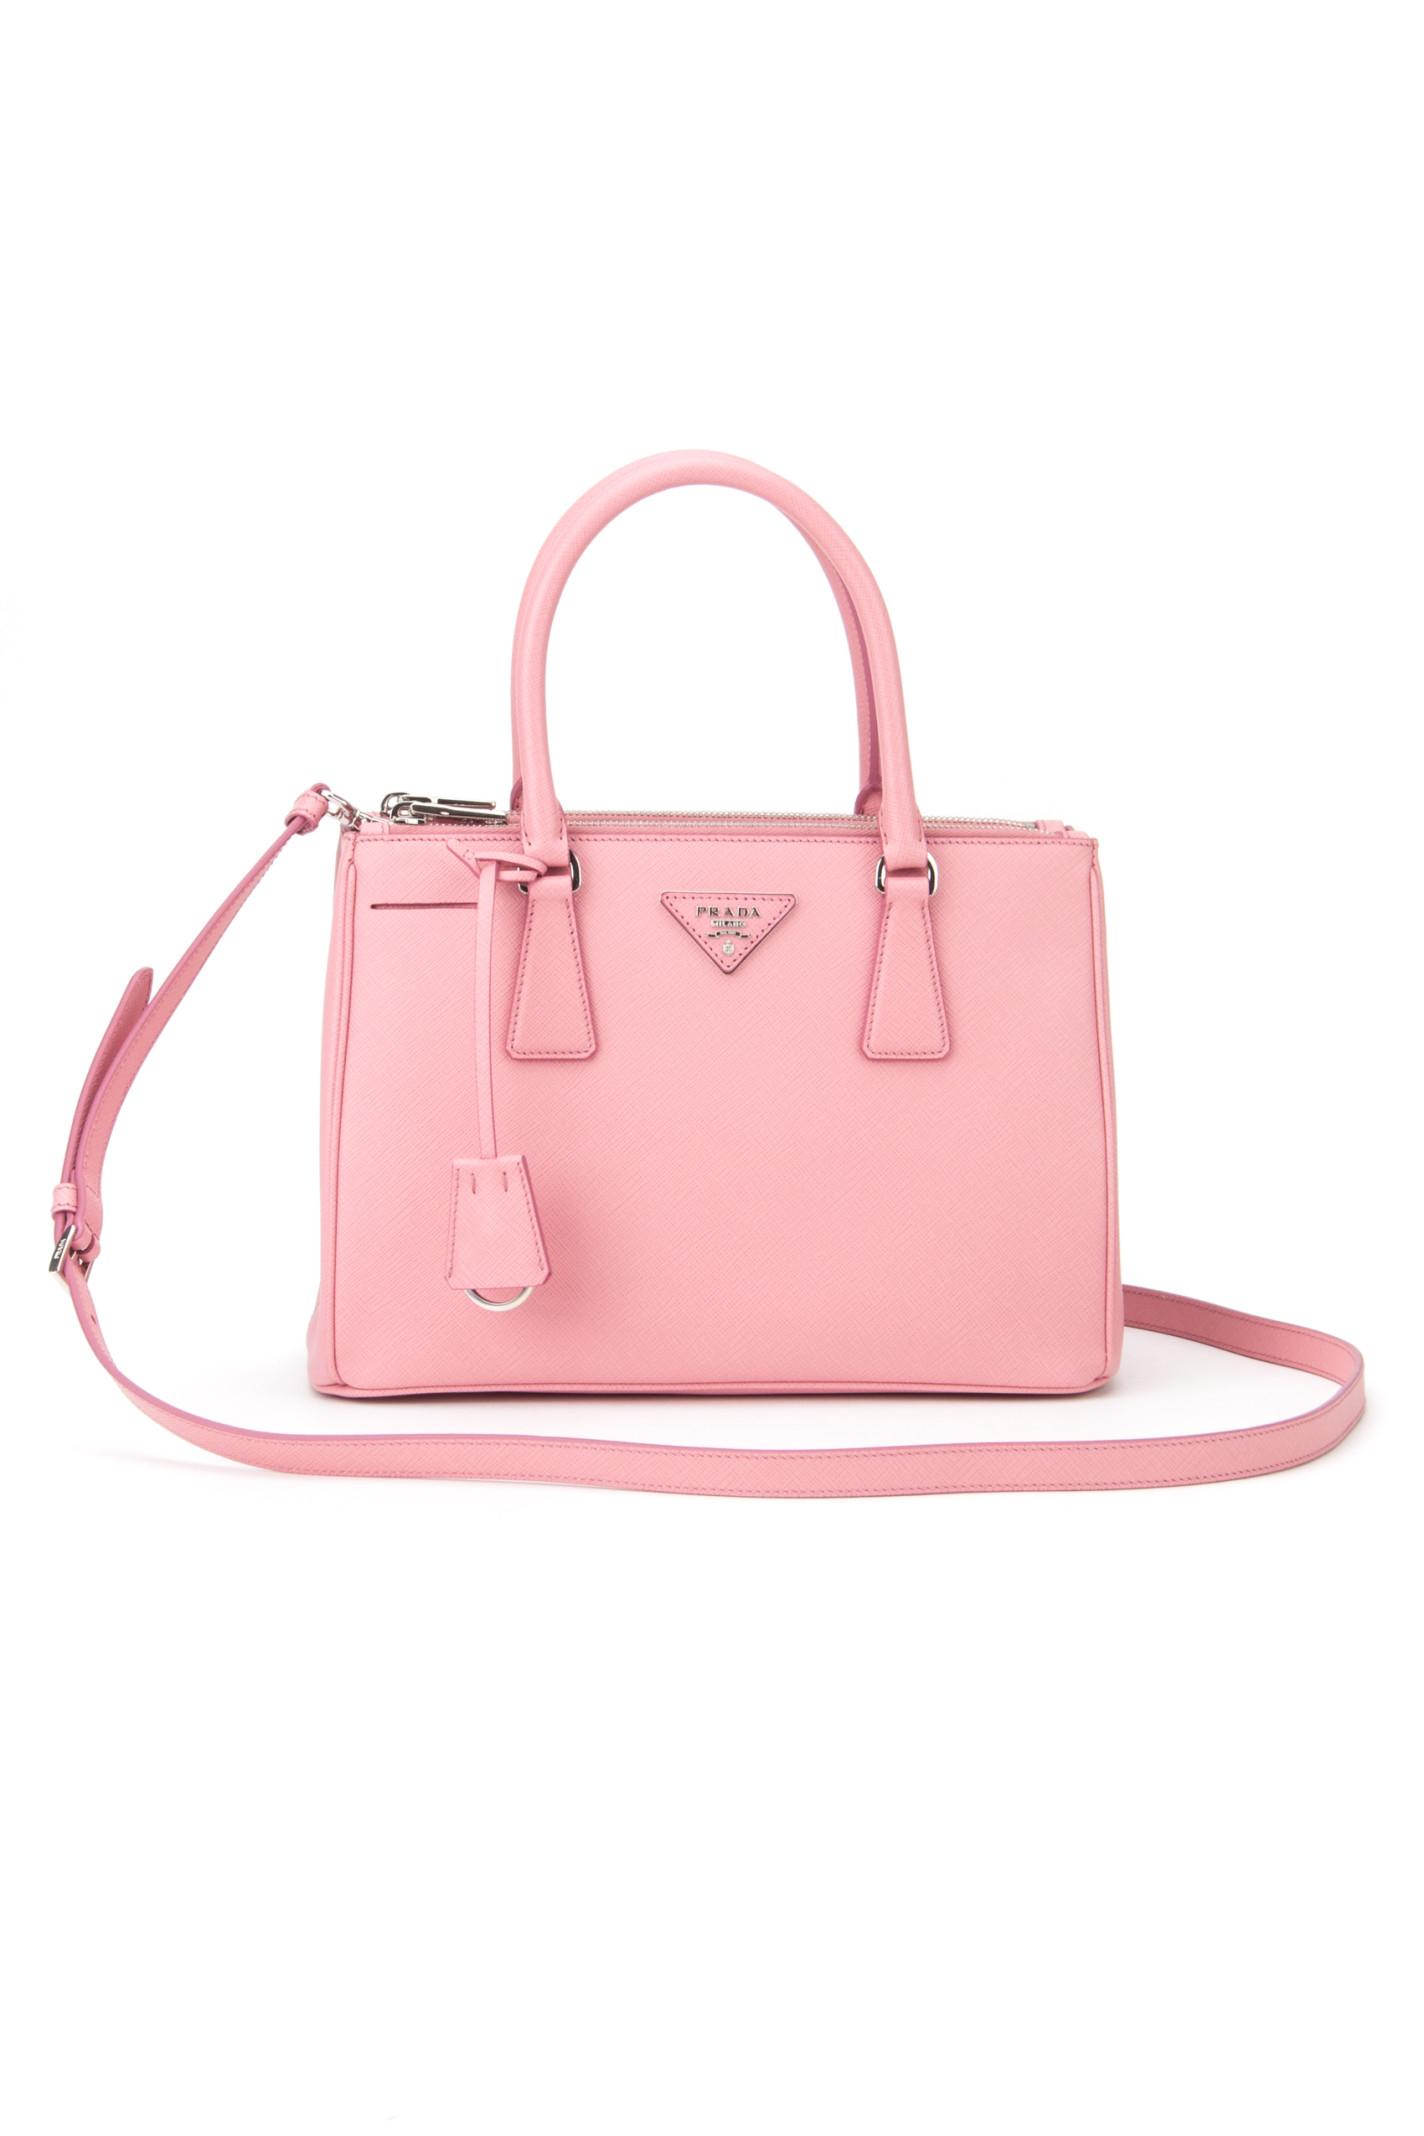 Prada Saffiano Lux Bag in Pink (PETALO 1)  655f5b118e77b